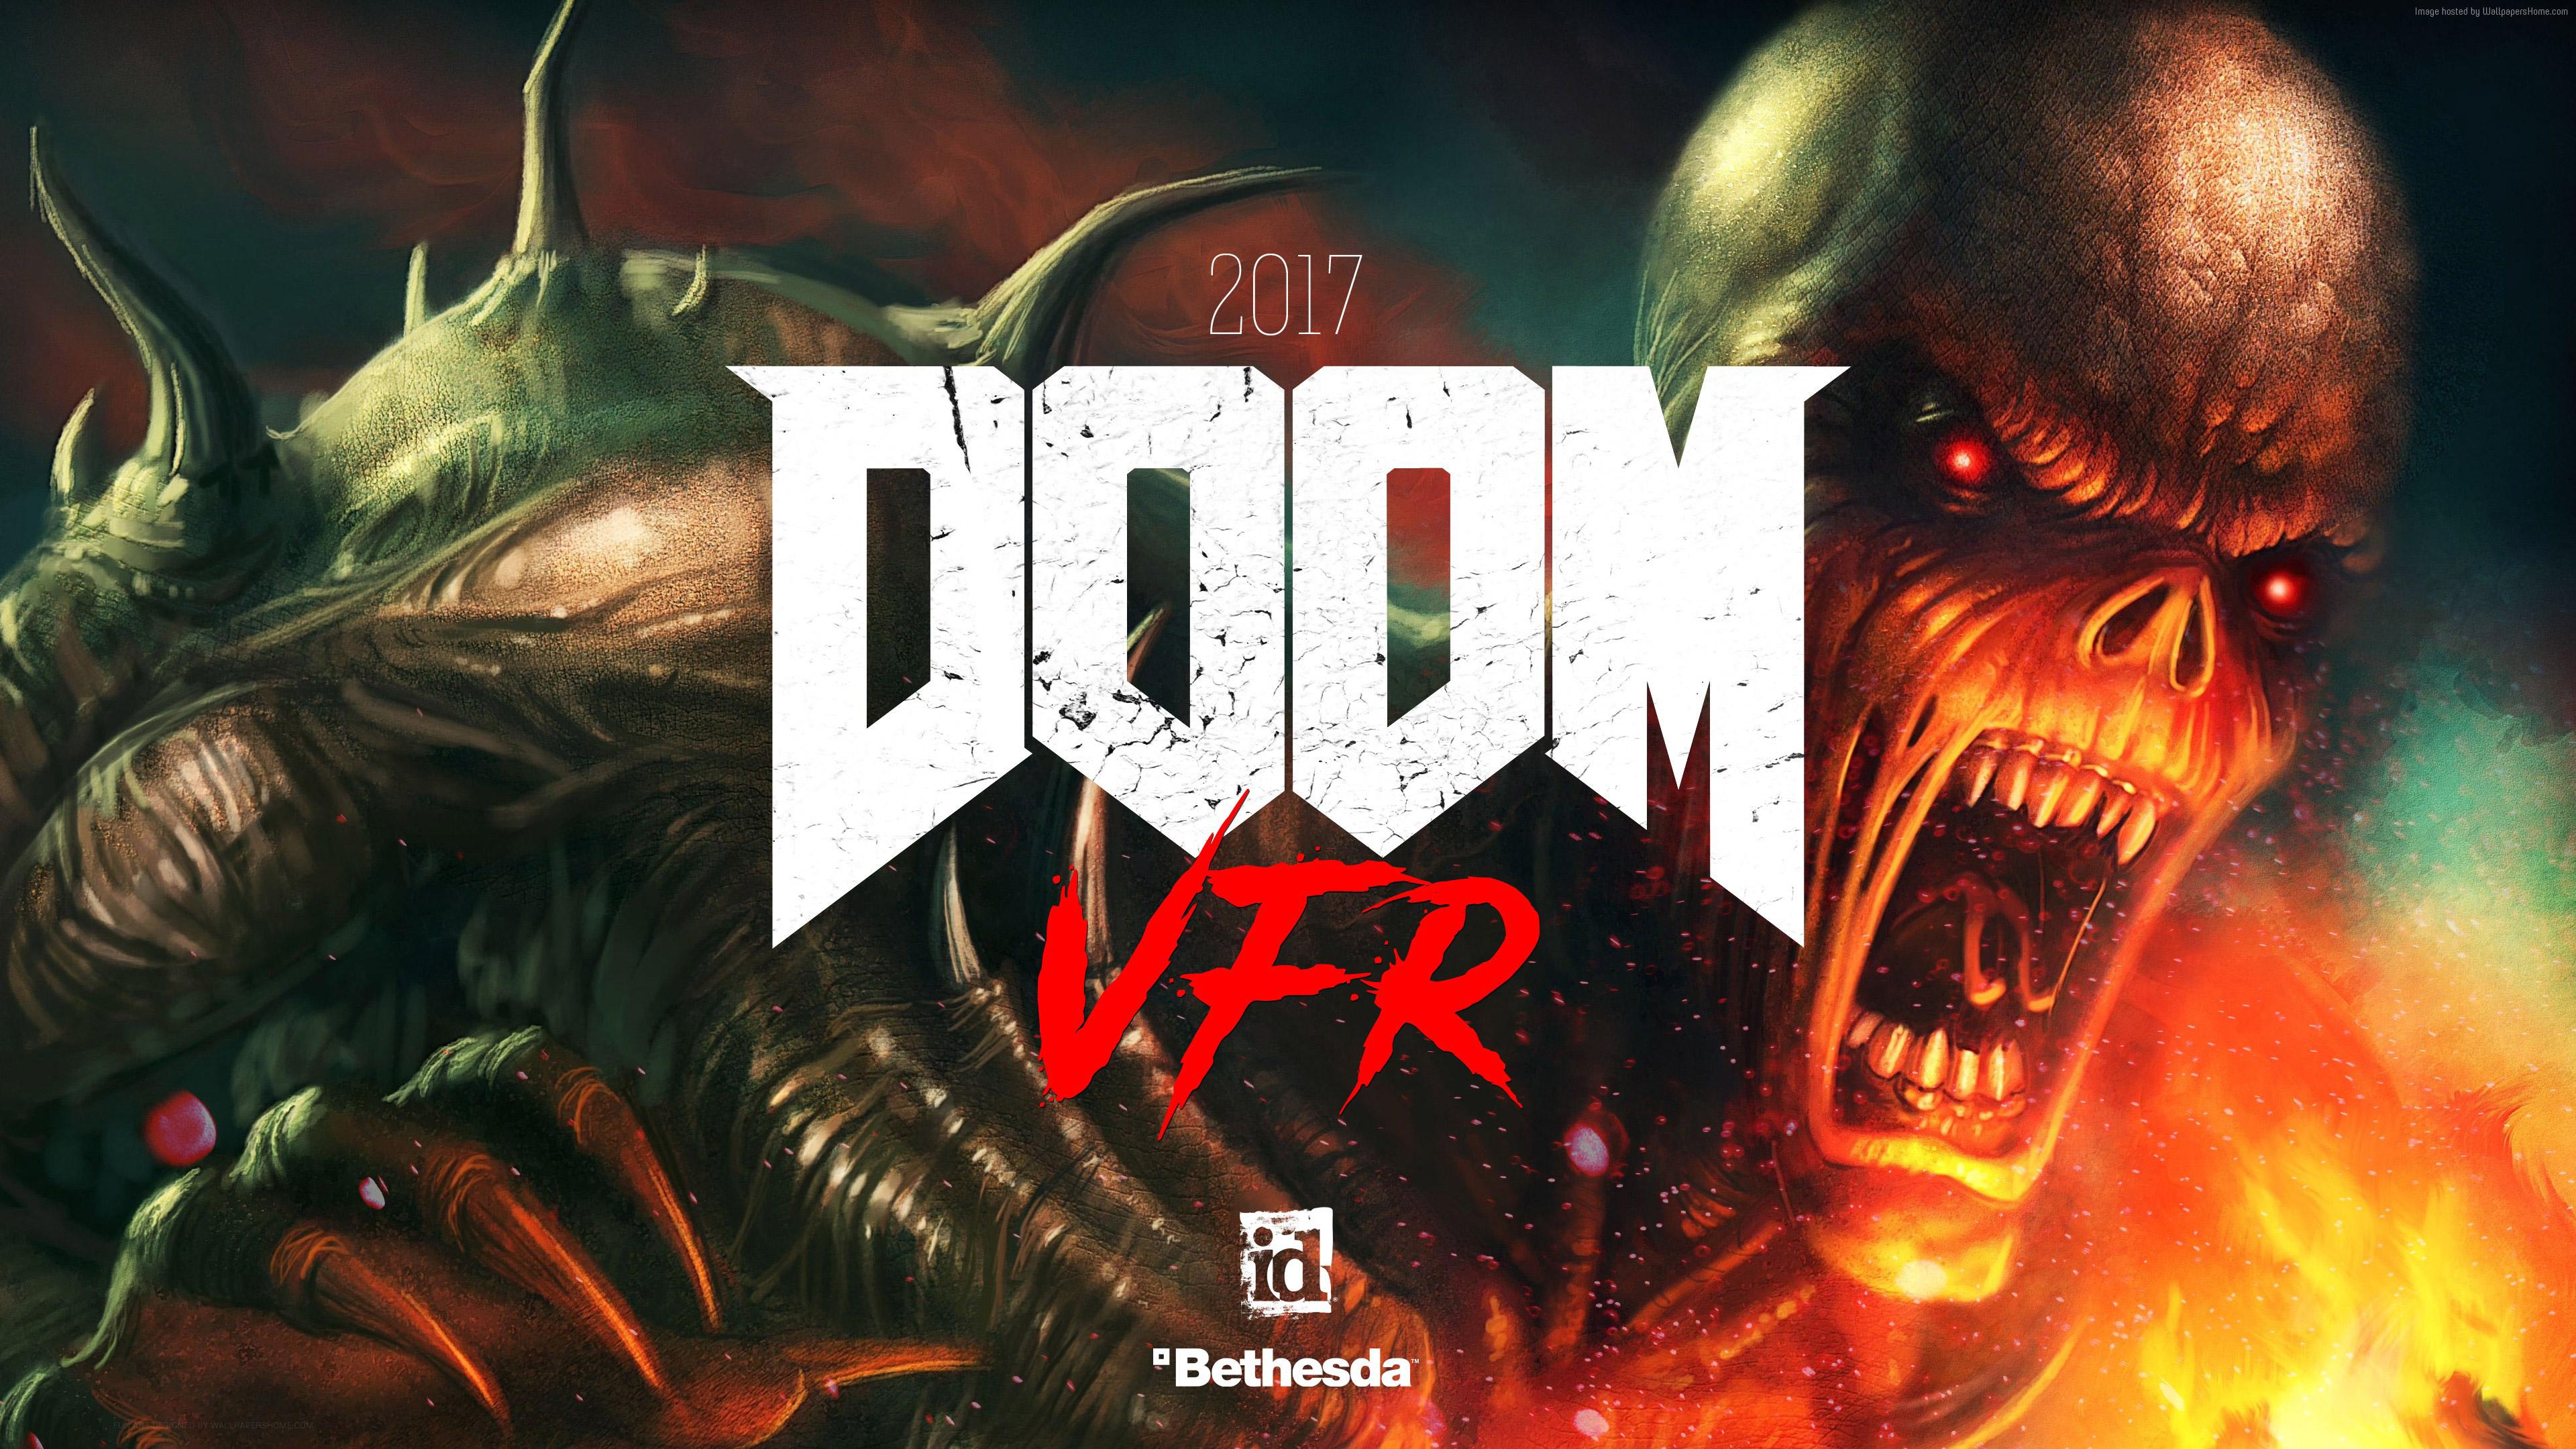 Doom Game Wallpaper 70 Images: Doom VFR 2017, HD Games, 4k Wallpapers, Images